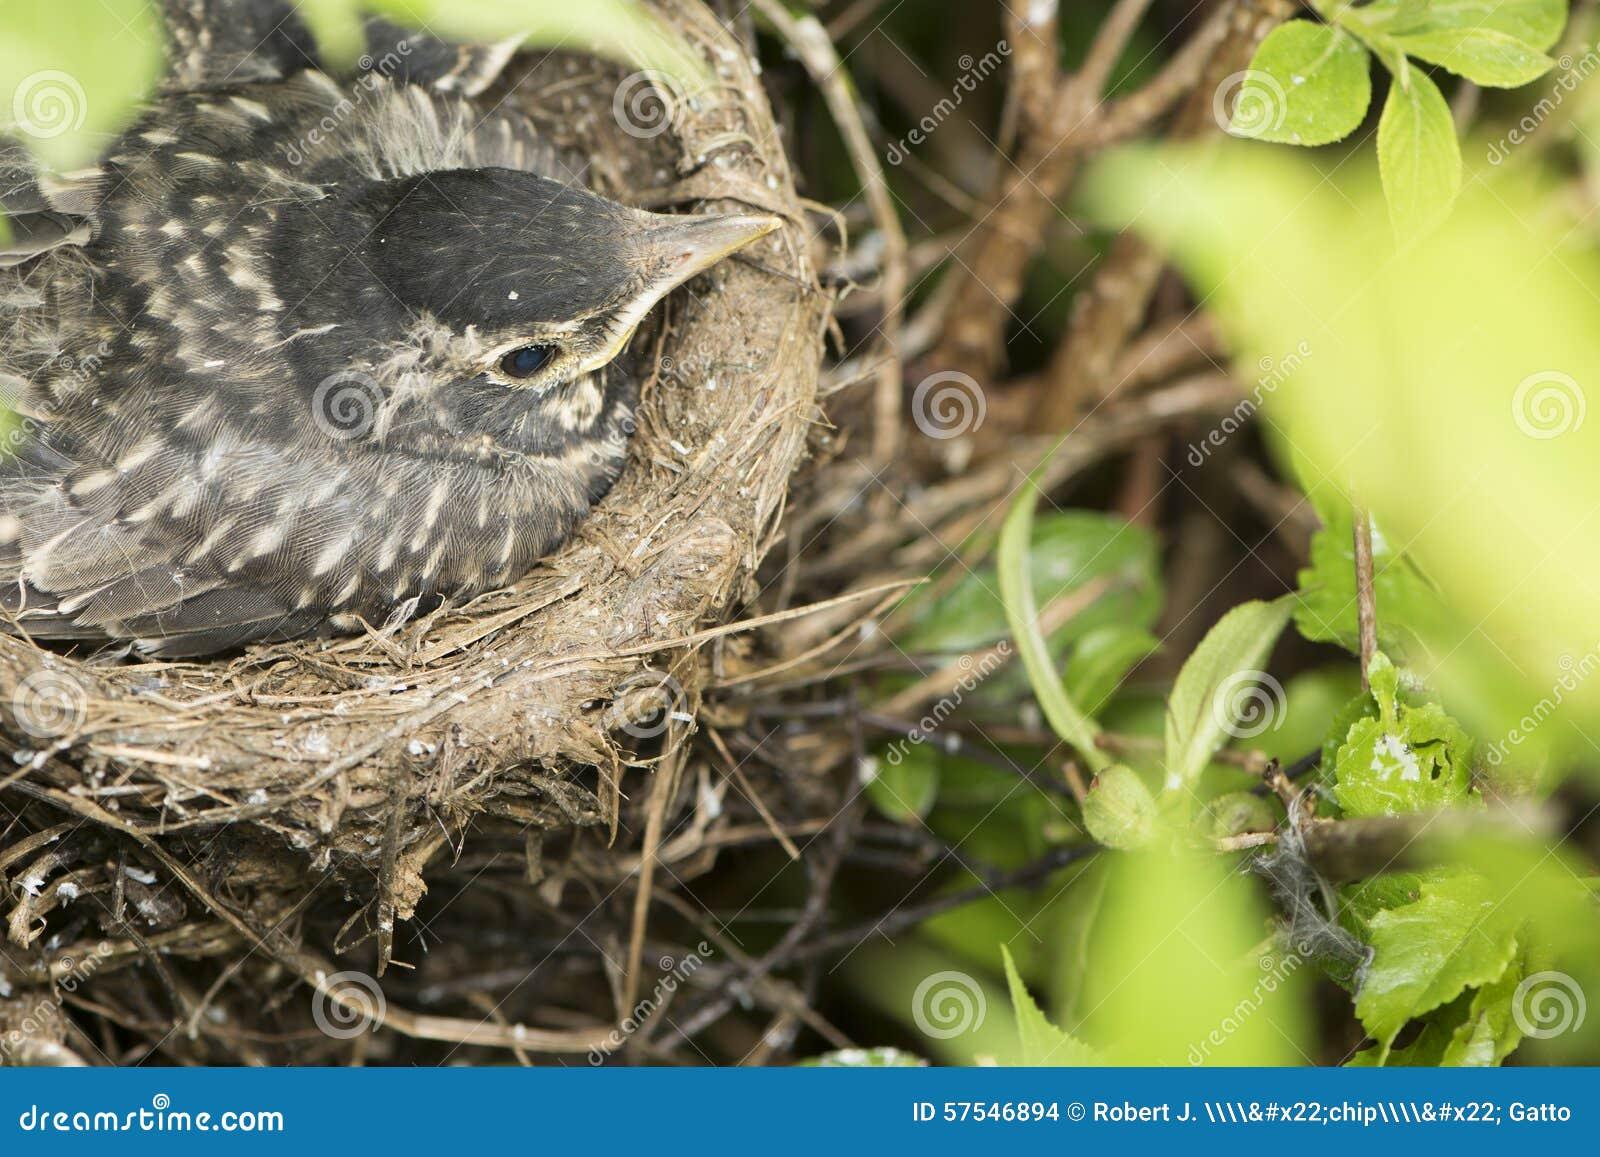 vogel in nest stock foto afbeelding bestaande uit bruin 57546894. Black Bedroom Furniture Sets. Home Design Ideas